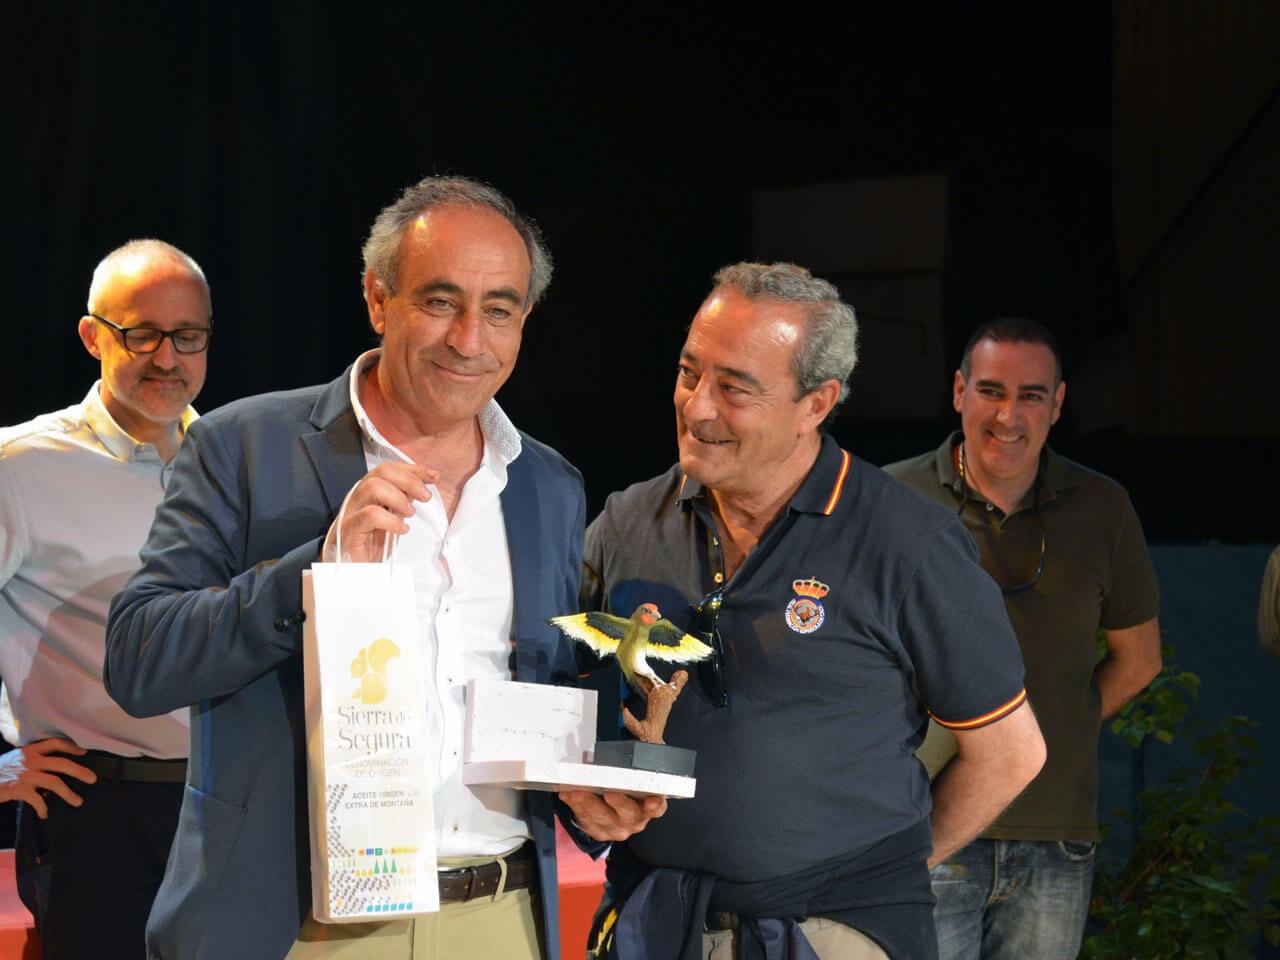 Campeonato España Cante 2018 - Alcalde y Presidente FMC